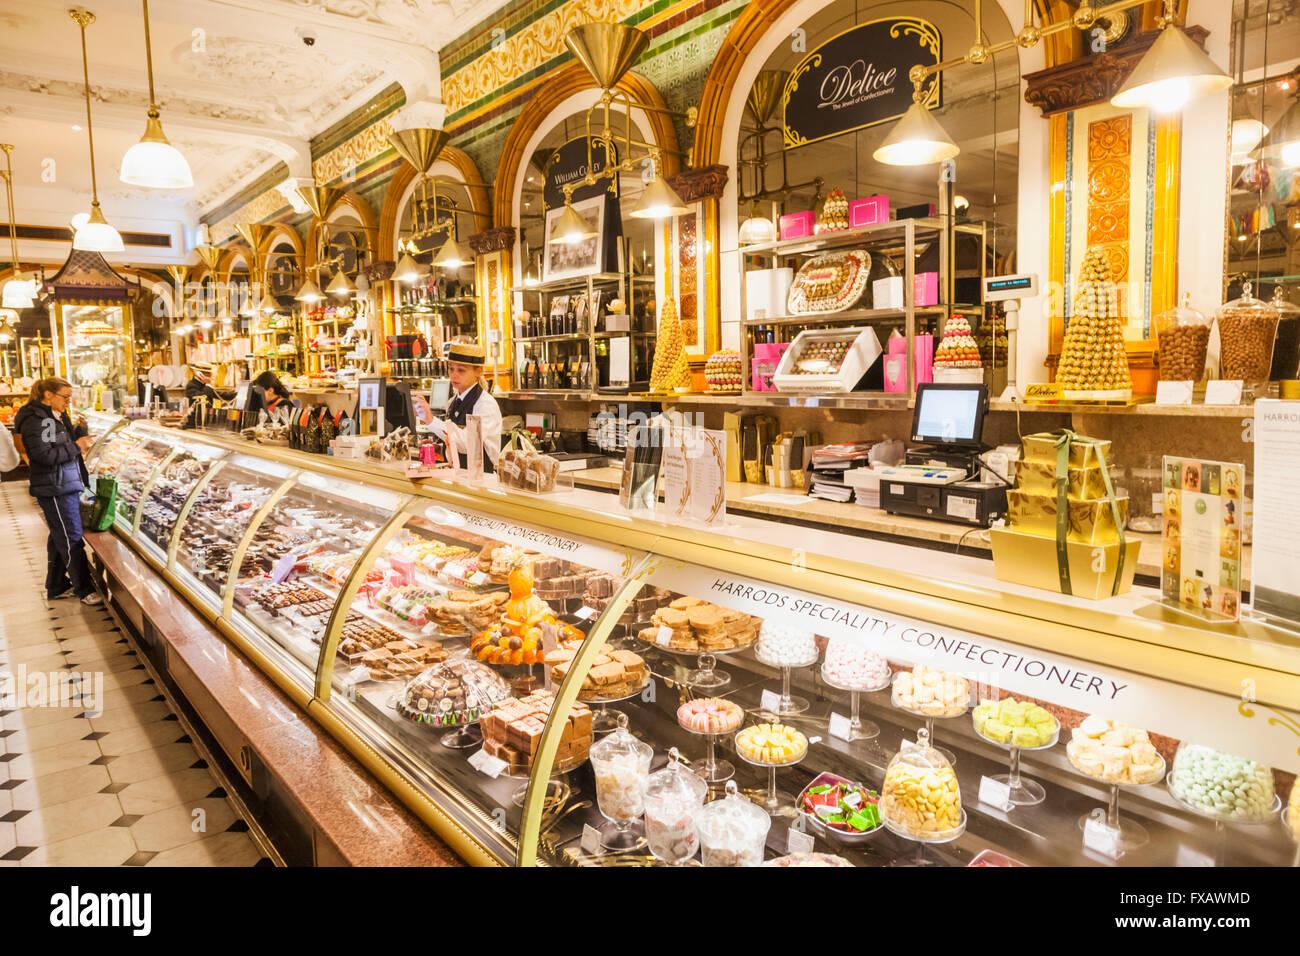 England London Knightsbridge Harrods Food Hall